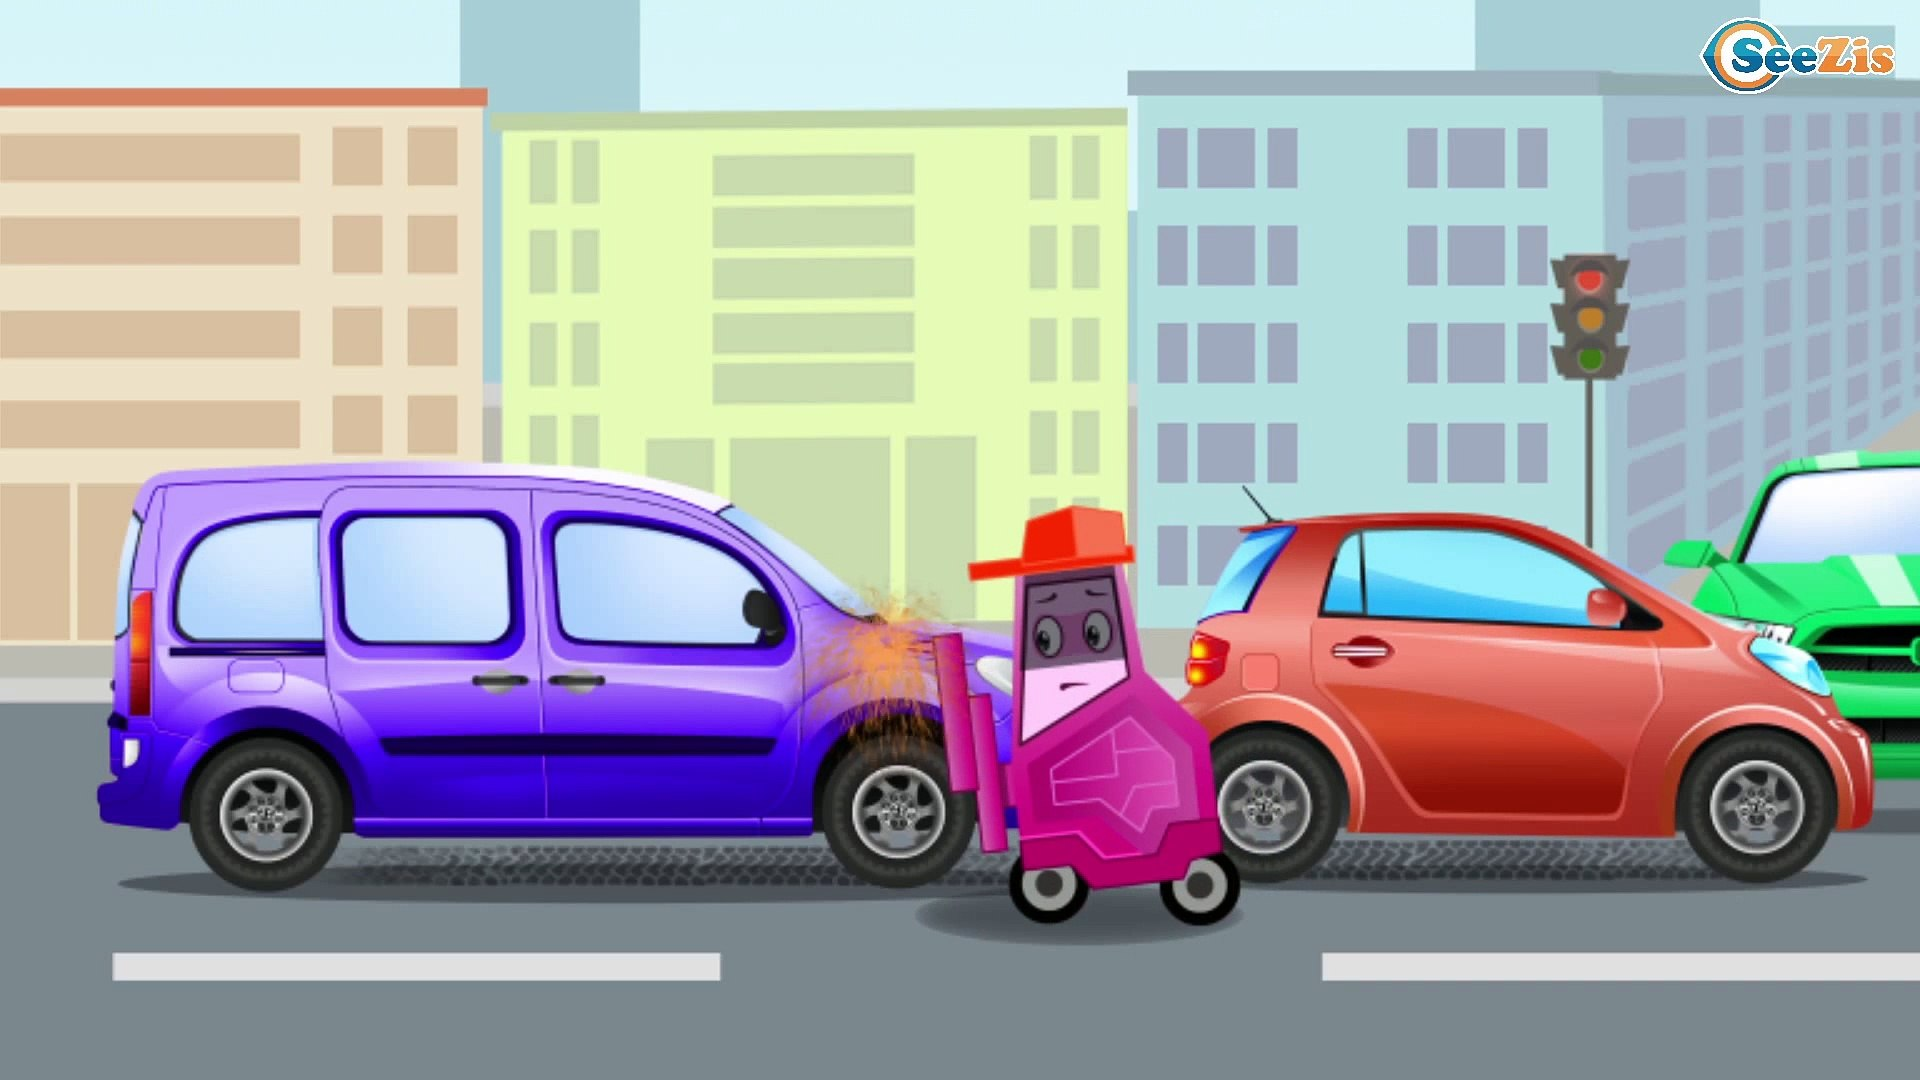 Мультик про Машинки. Скорая помощь и Транспорт. Видео для детей 2017. Смотреть онлайн